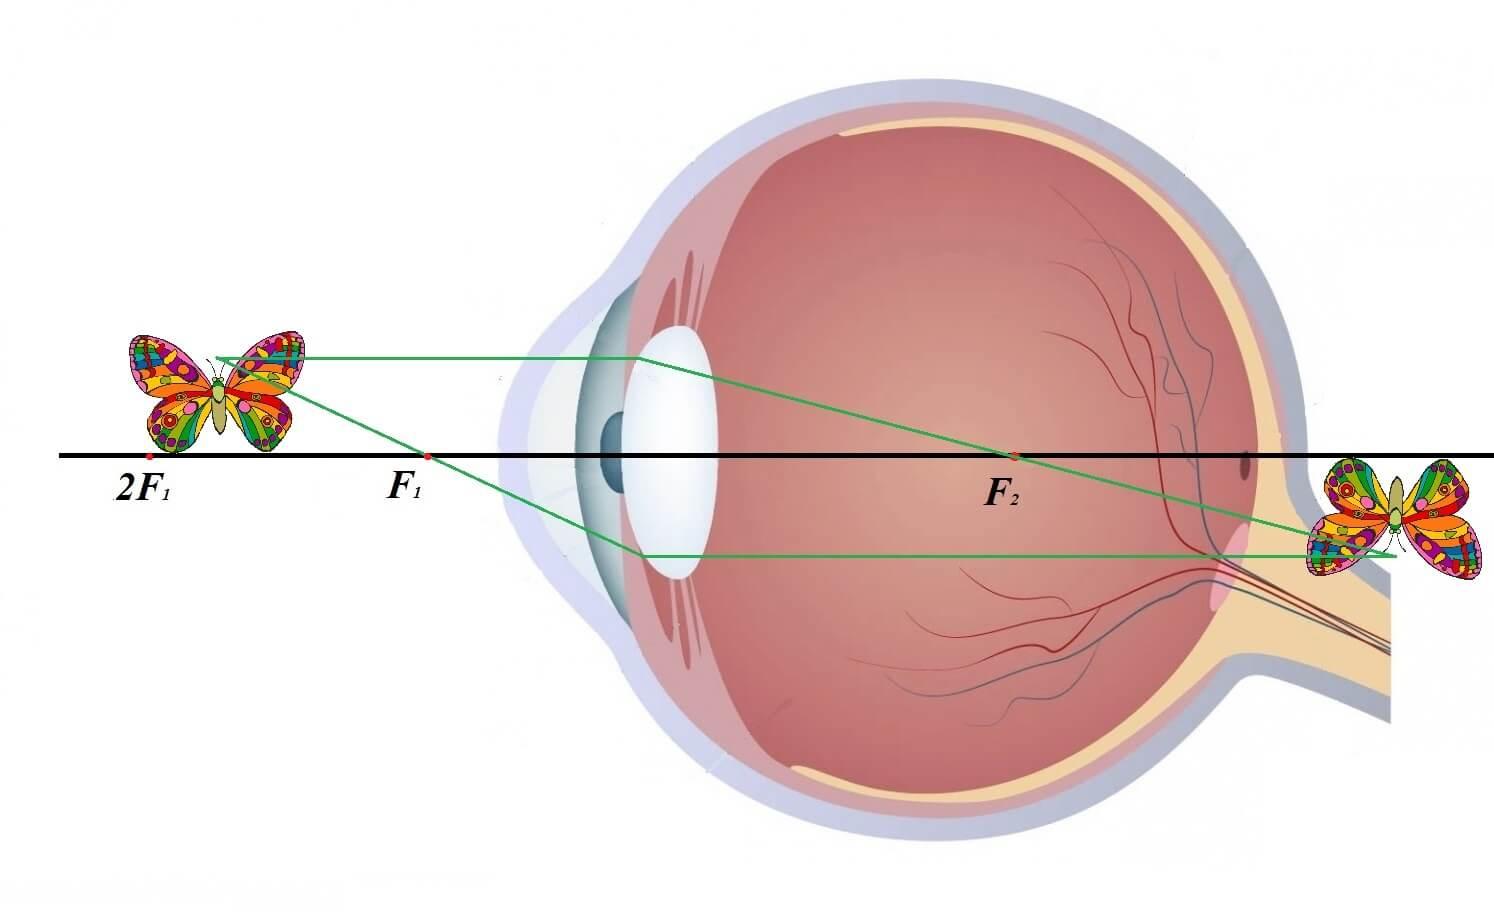 Пресбиопия: обоих глаз, лечение, упражнения глаз — полная информация — симптомы